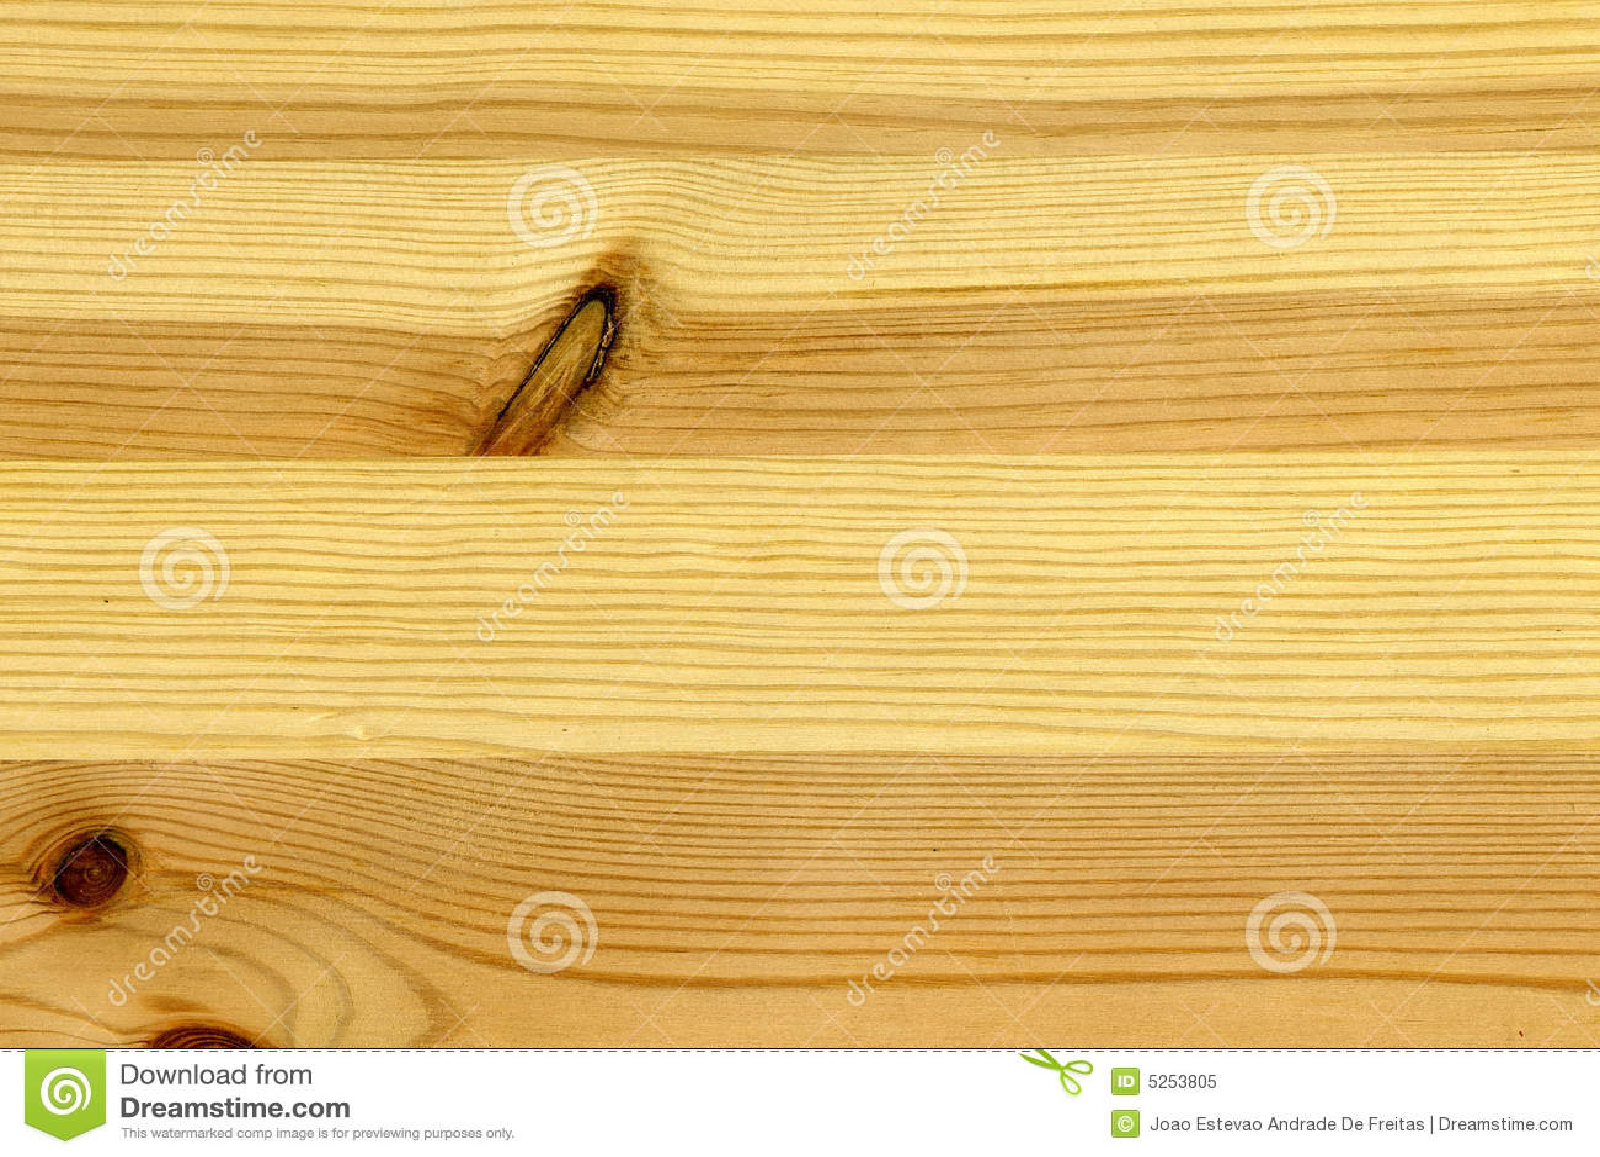 une planche de bois de pin photo libre de droits image. Black Bedroom Furniture Sets. Home Design Ideas